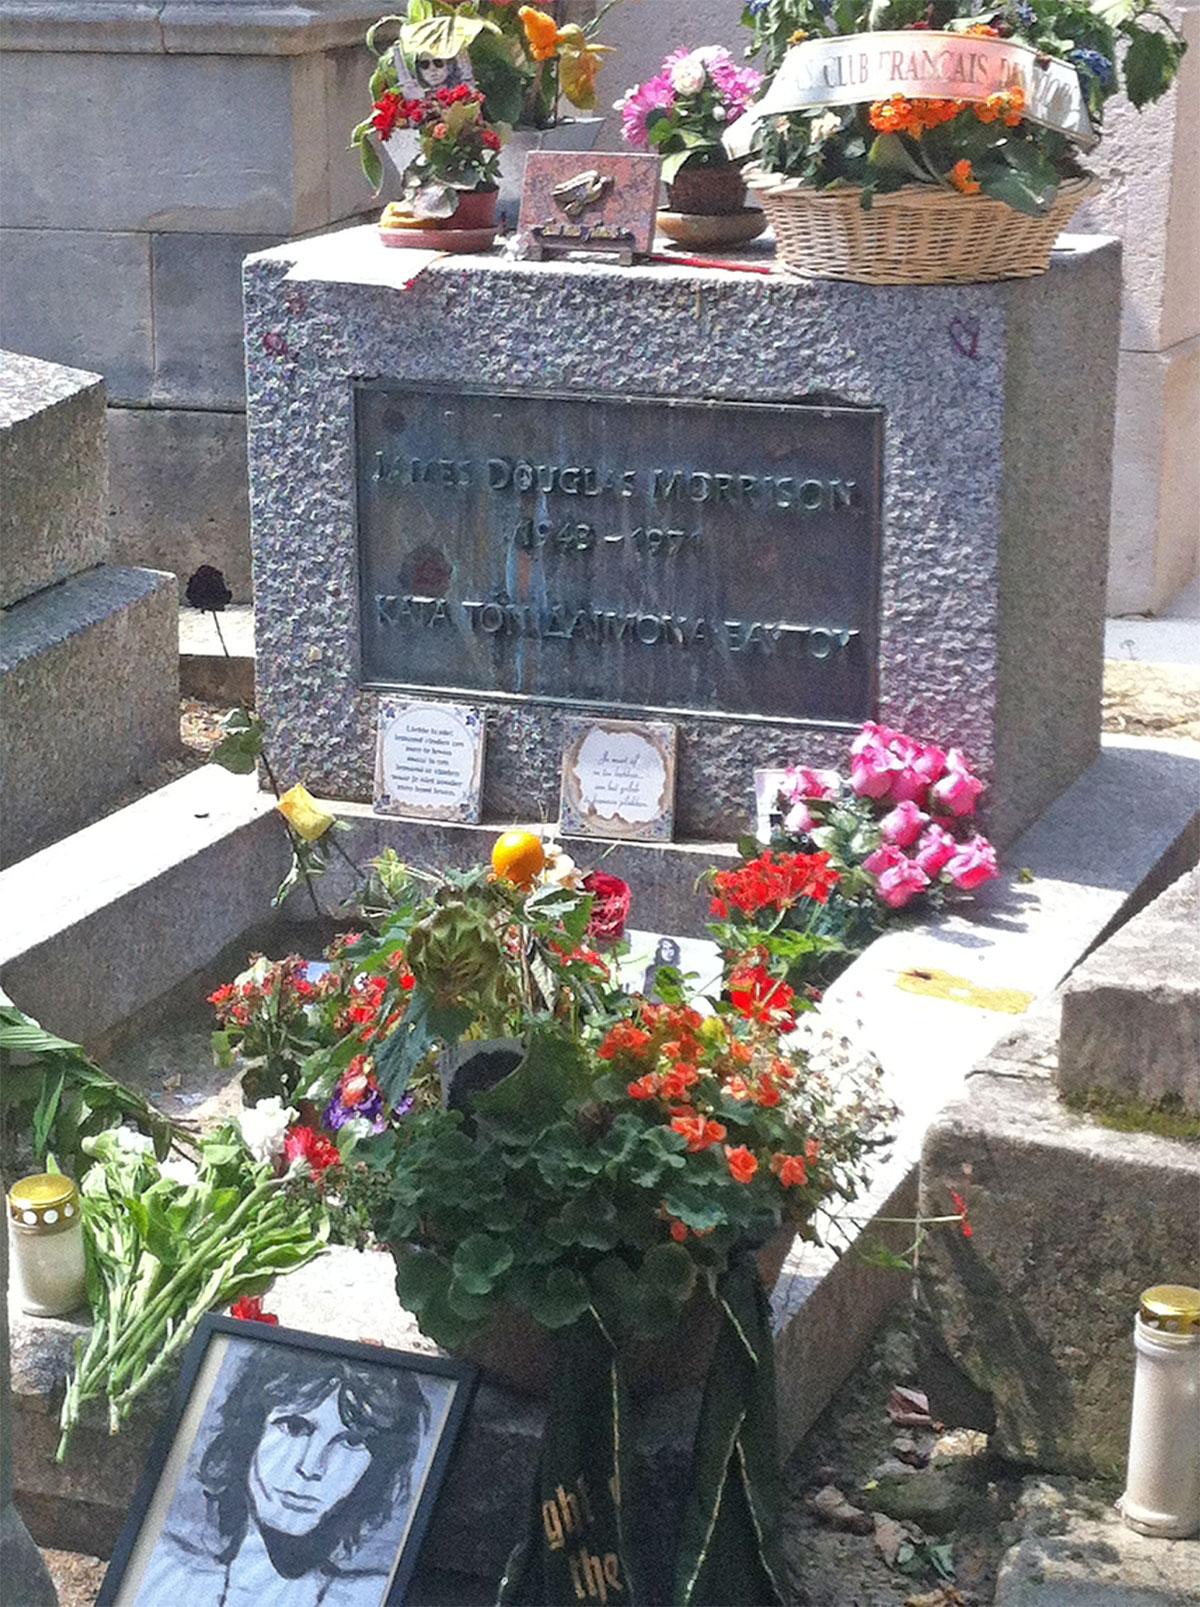 paris pere lachaise cemetery jim morrison tombstone   Paris Neighborhoods Explained